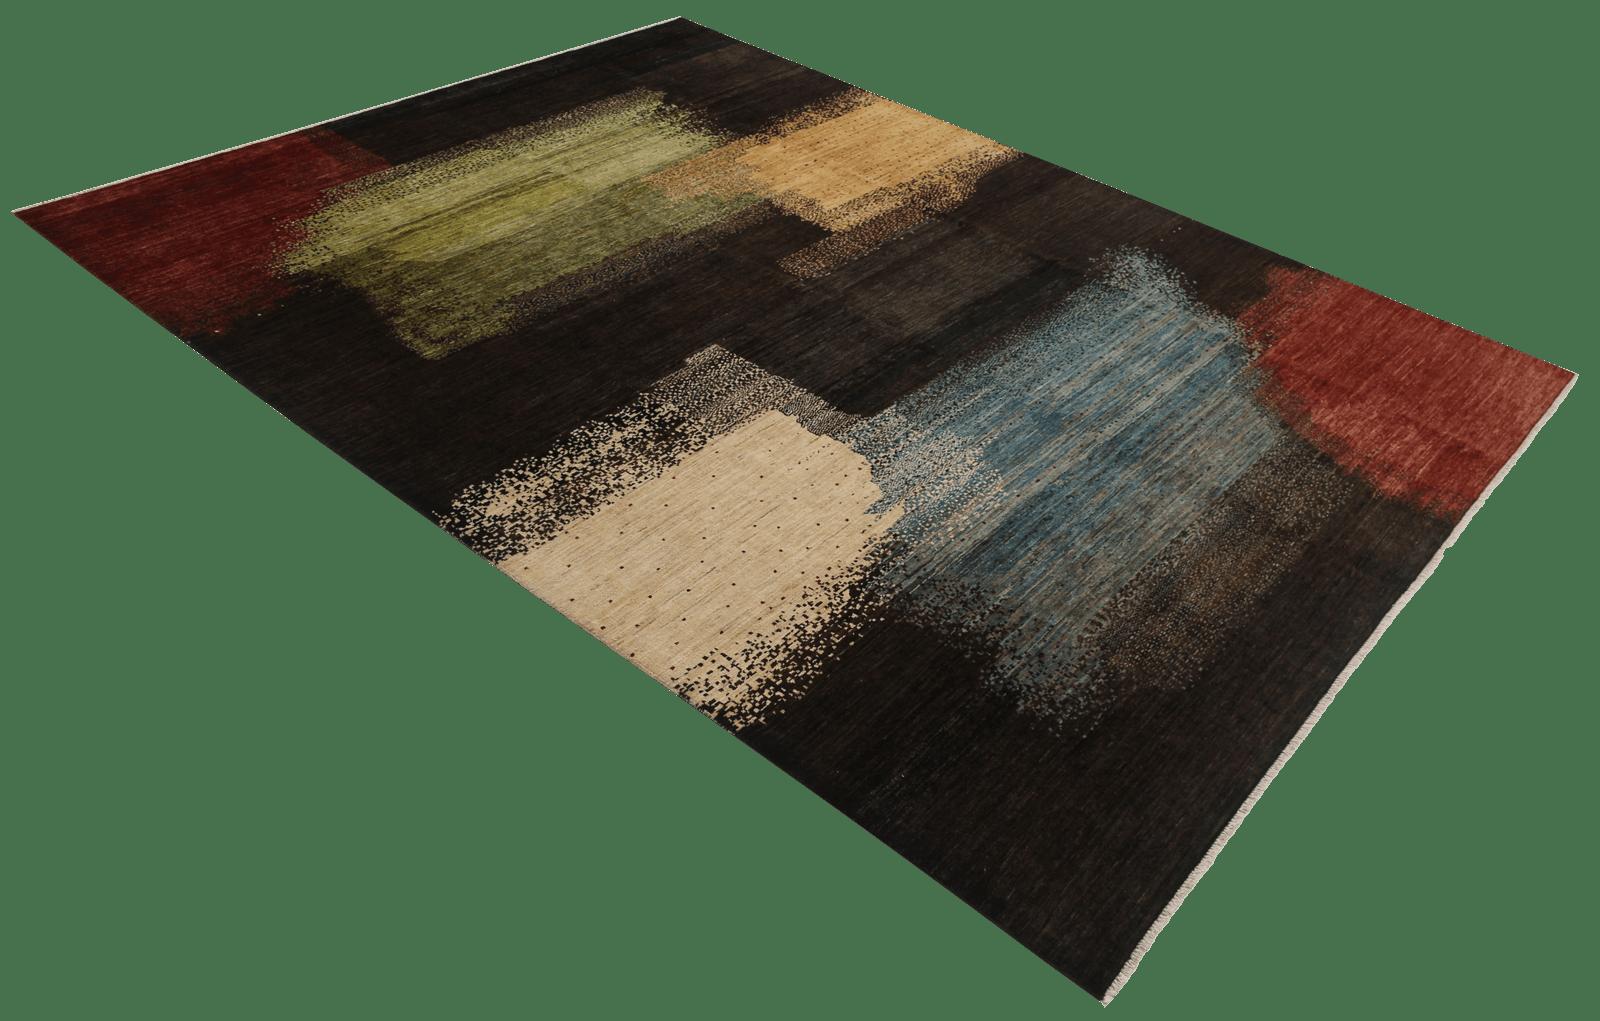 kashkuli-dark-shades-tapijt-oosterse-perzische-tapijten-luxe-exclusieve-vloerkleden-koreman-maastricht